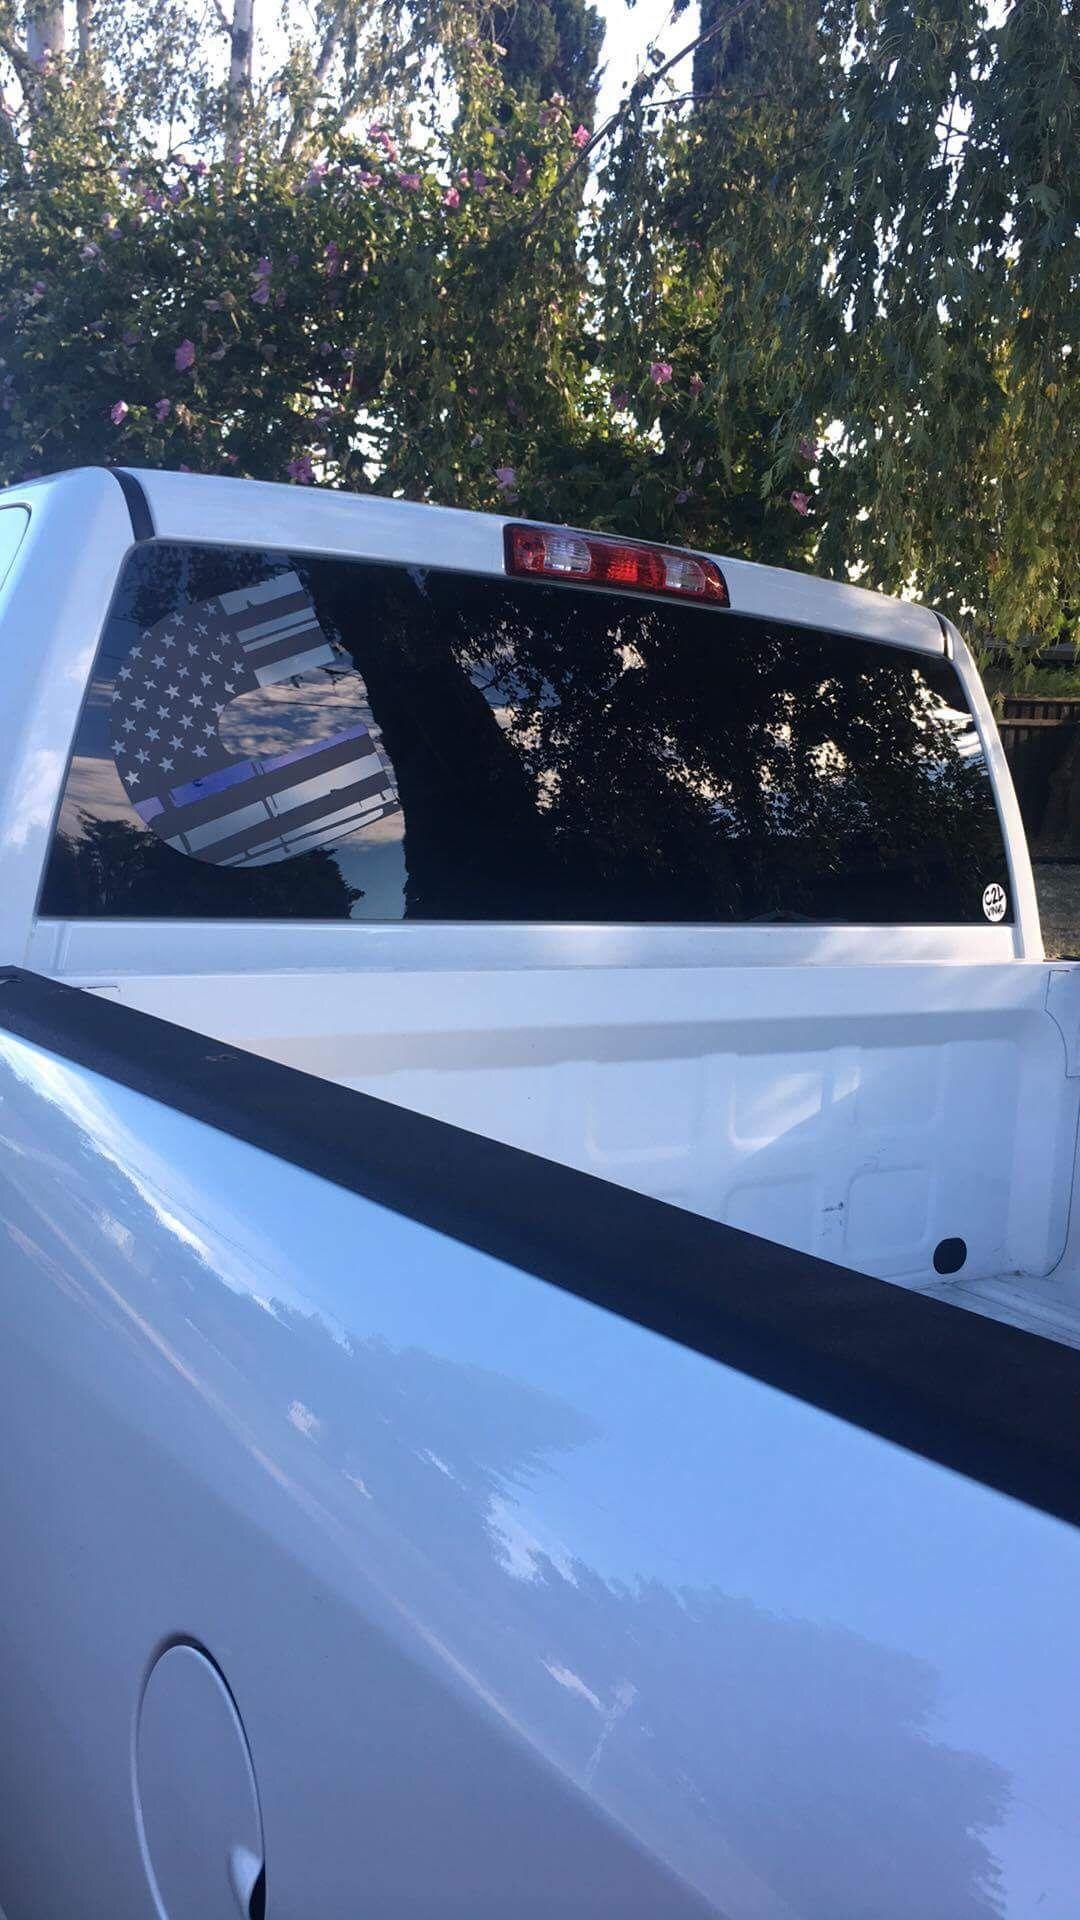 Logo sticker sticker design automotive logo motorcycle companies truck decals custom